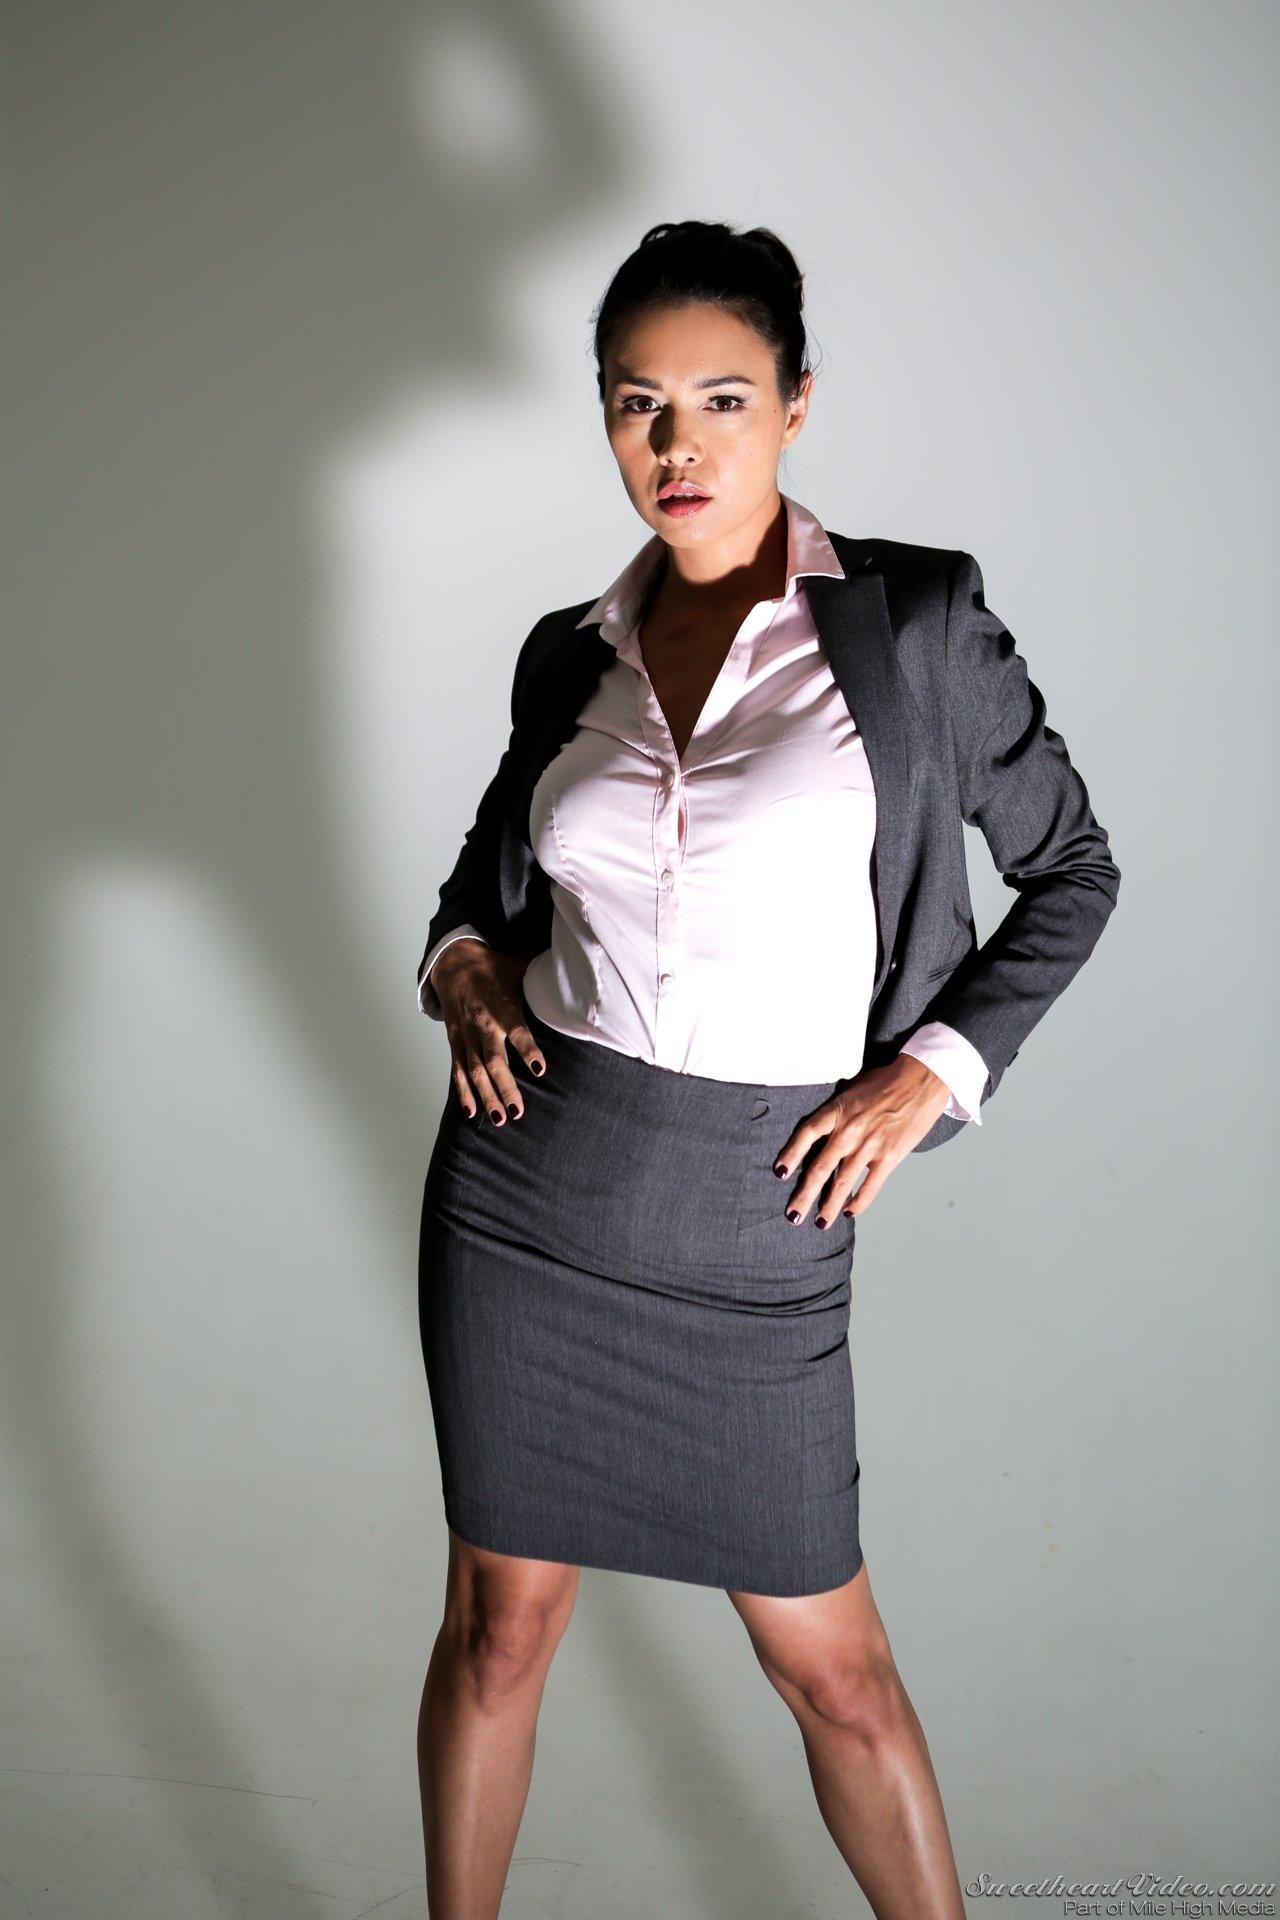 Красивая азиатка сняла офисный строгий костюм